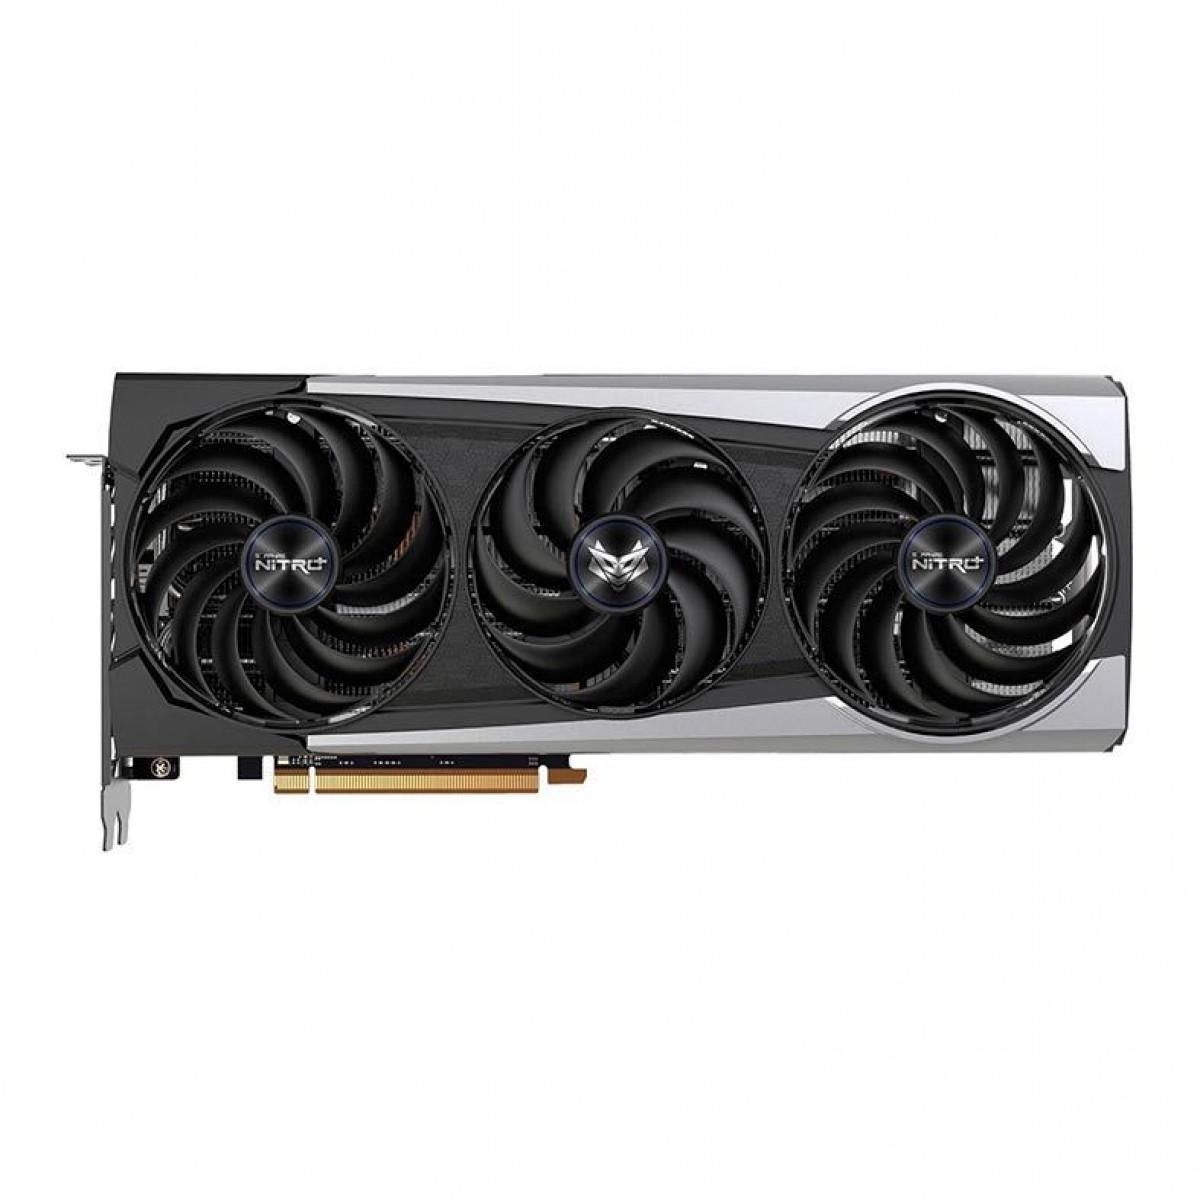 Placa de Vídeo Sapphire Radeon RX 6700 XT, 12GB, GDDR6, 192bit, 11306-01-20G